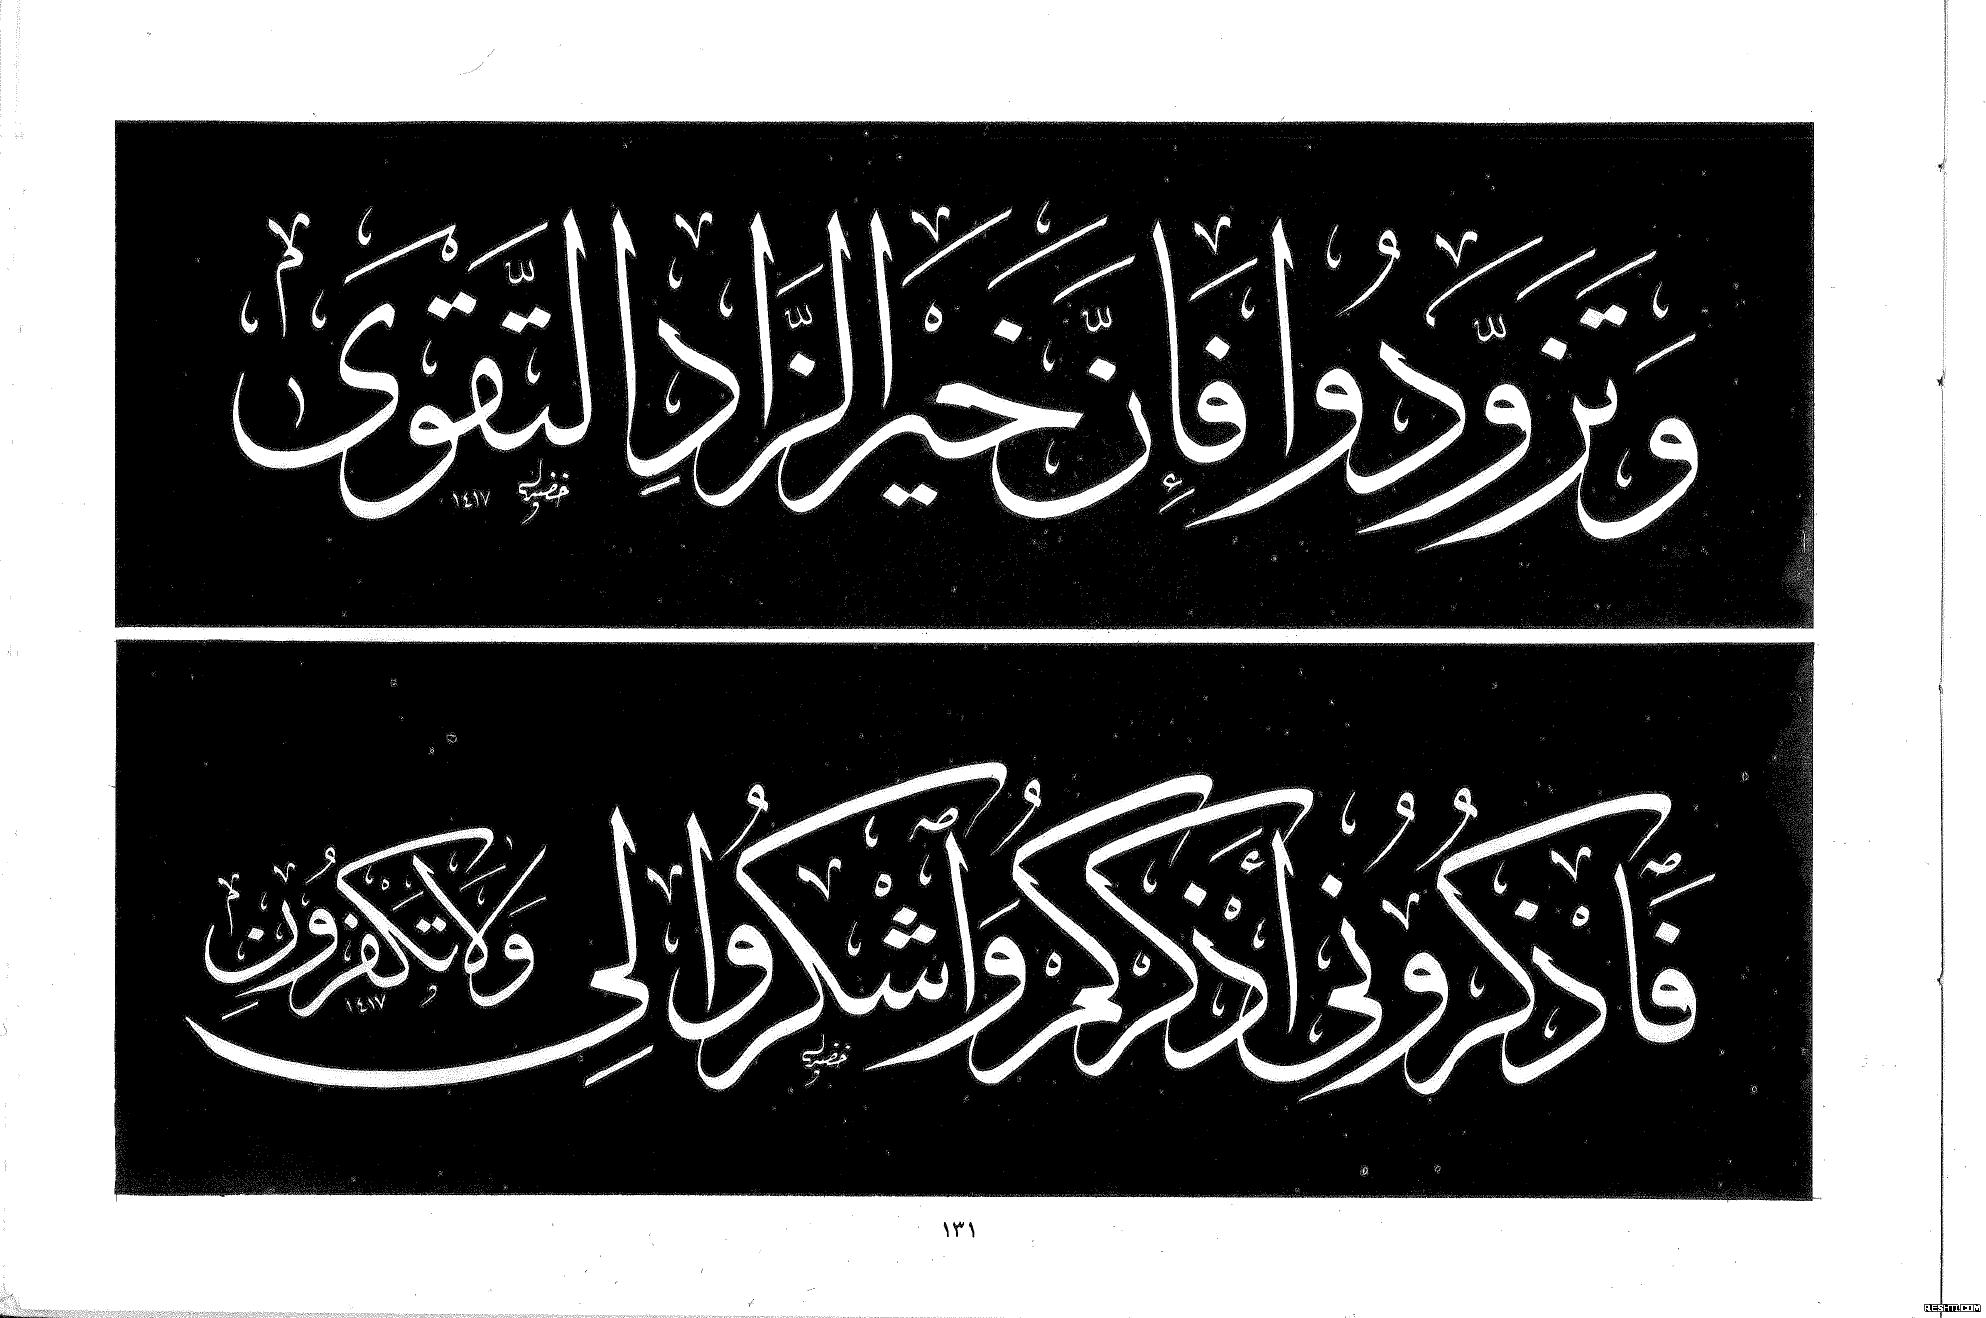 كتاب الثلث الجلي- خضير البورسعيدي